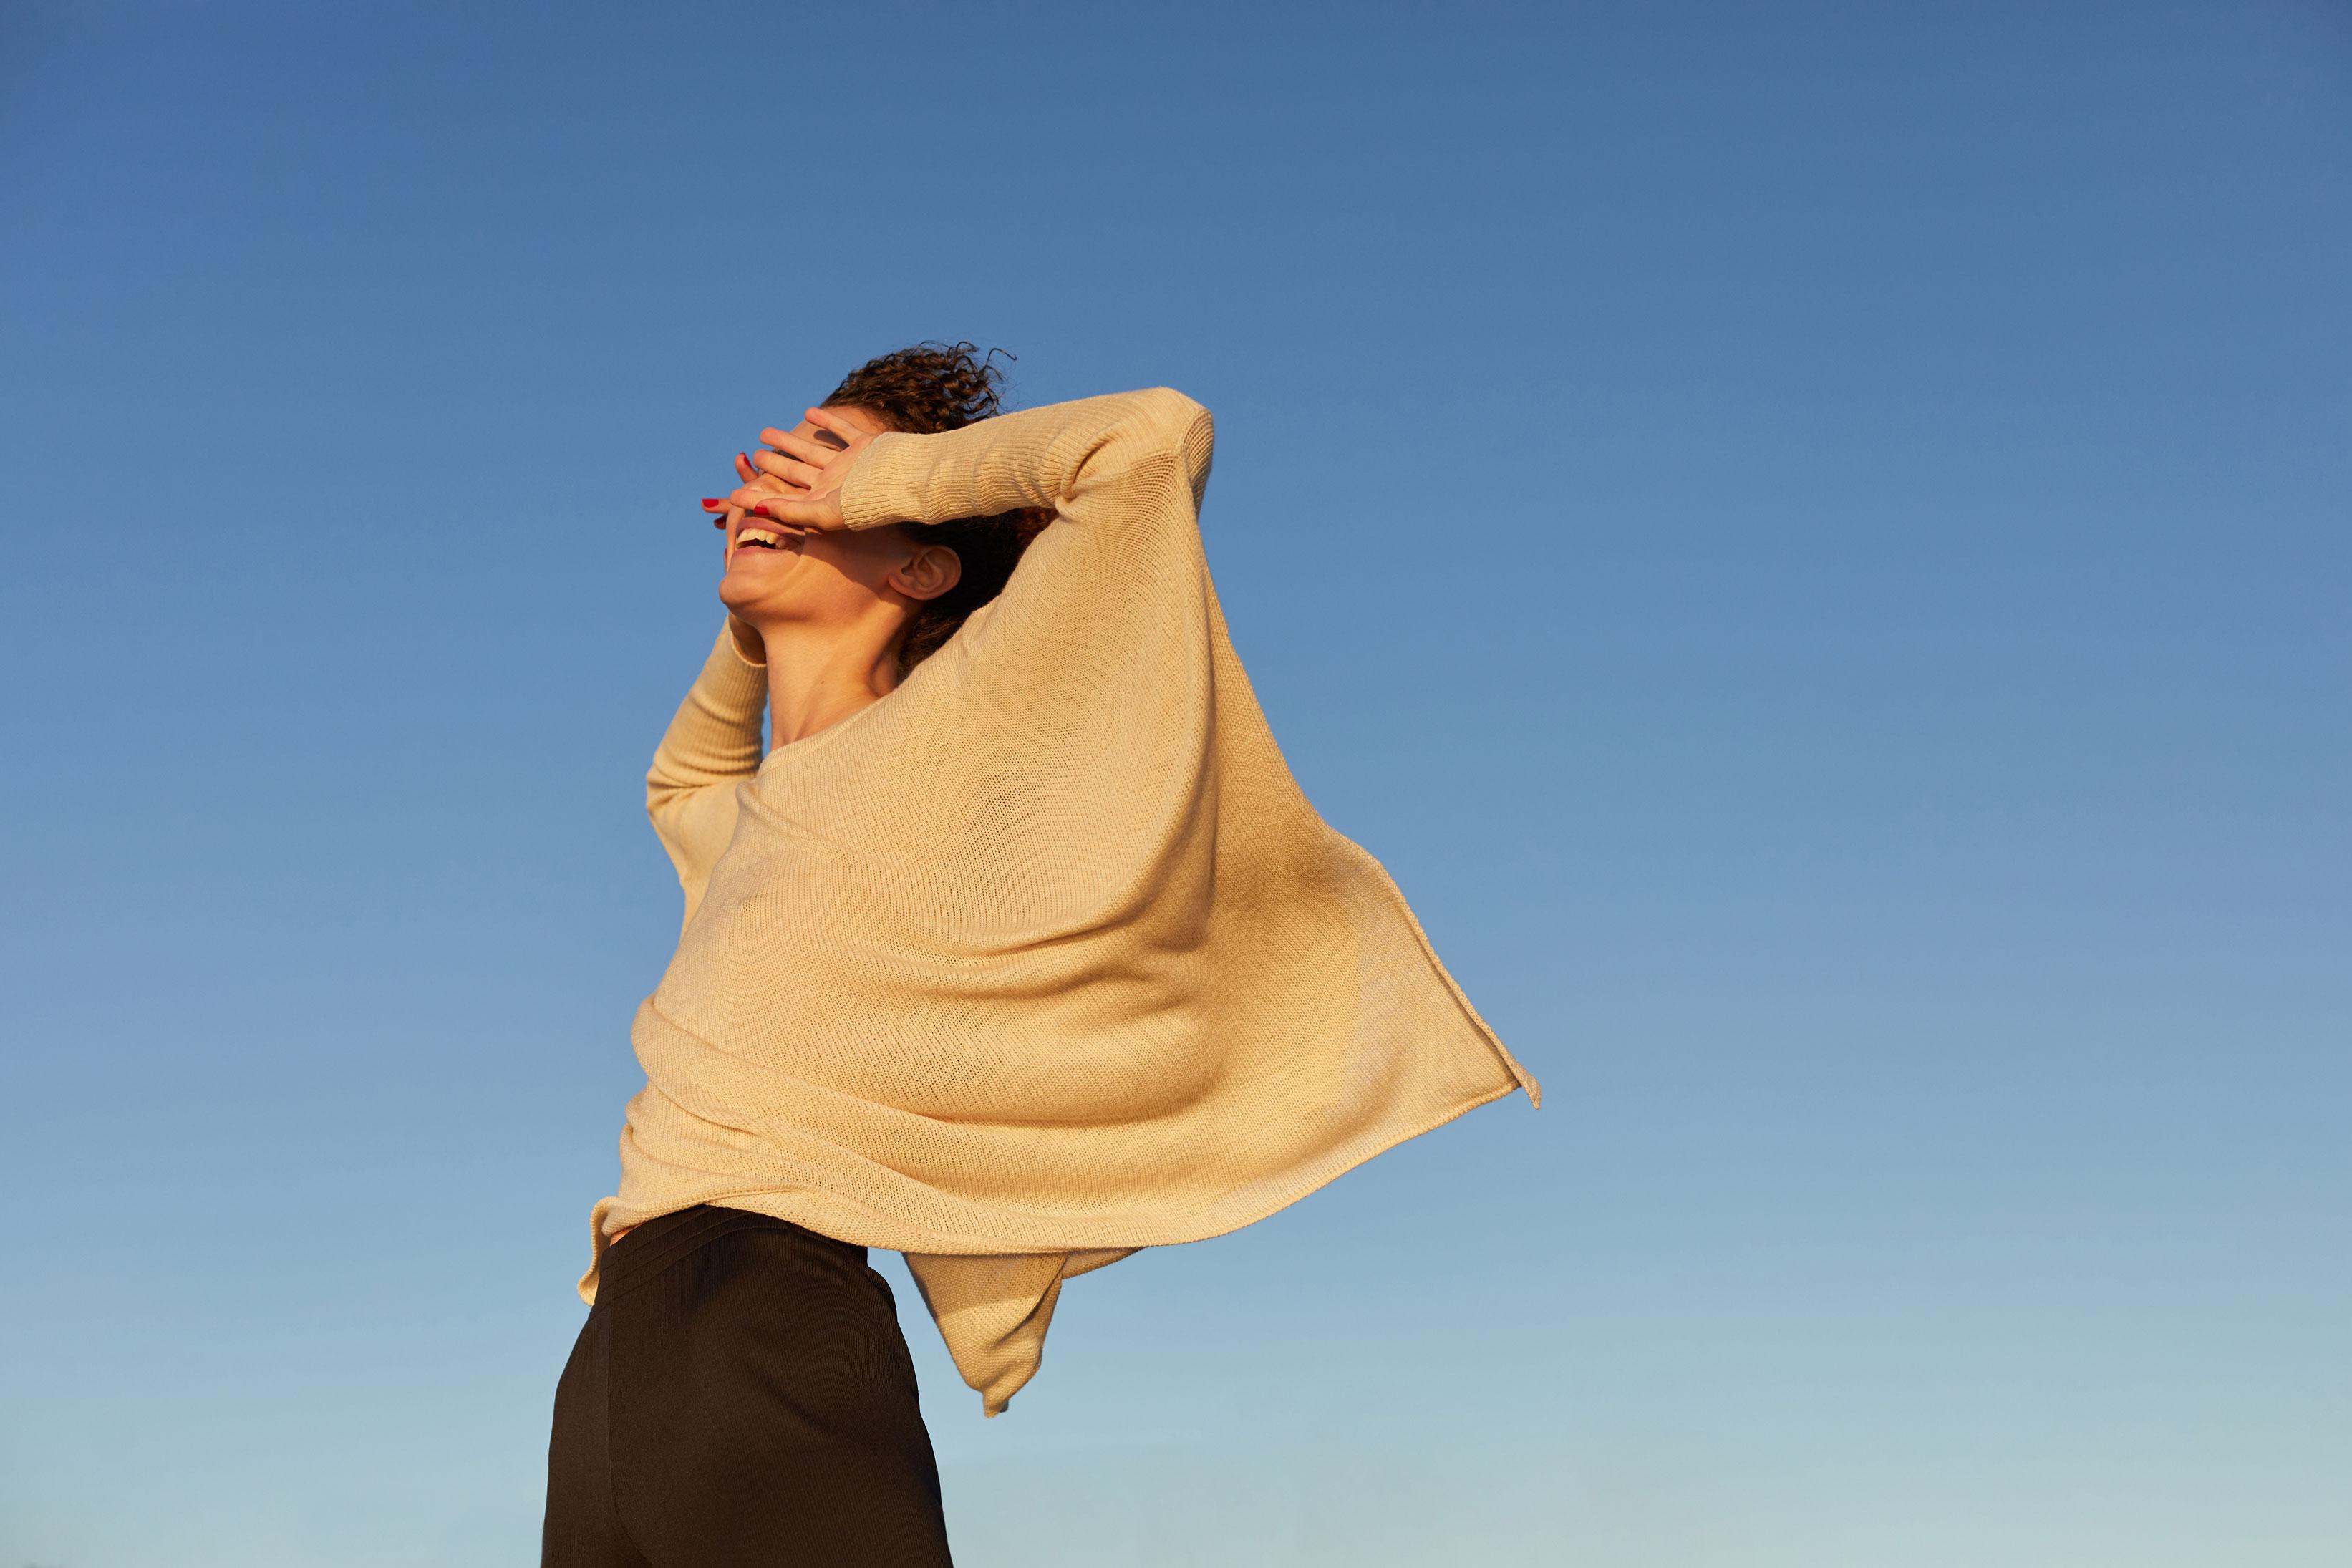 photographe de mode pour campagne publicitaire en Bretagne